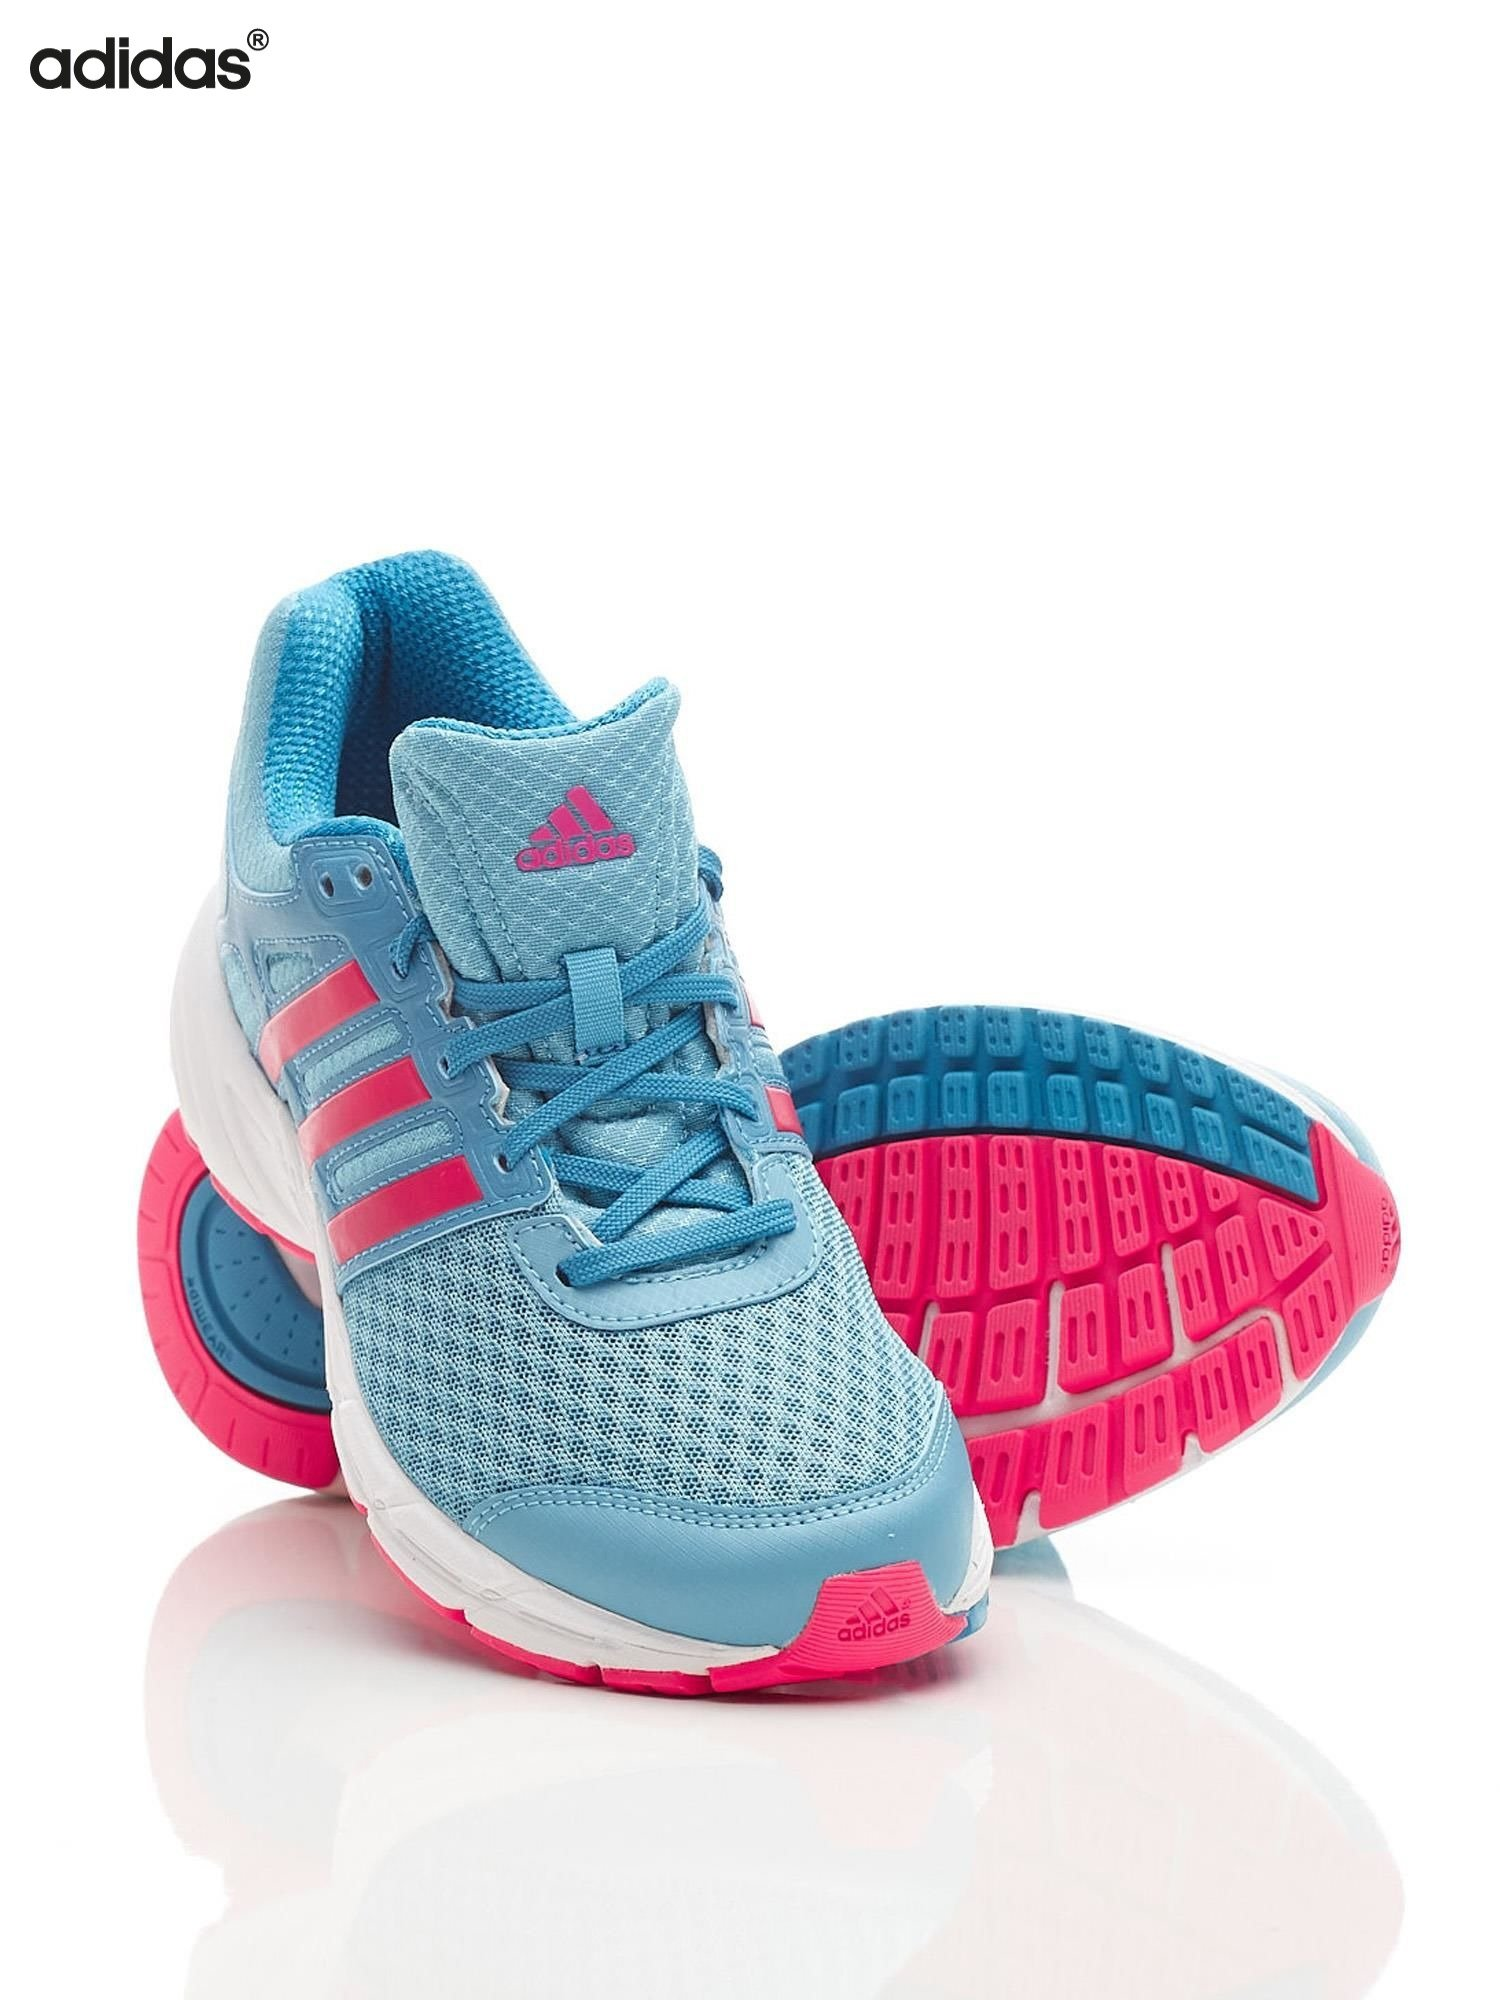 ADIDAS Niebieskie damskie buty sportowe LIGHTSTER 2XJ Popularne